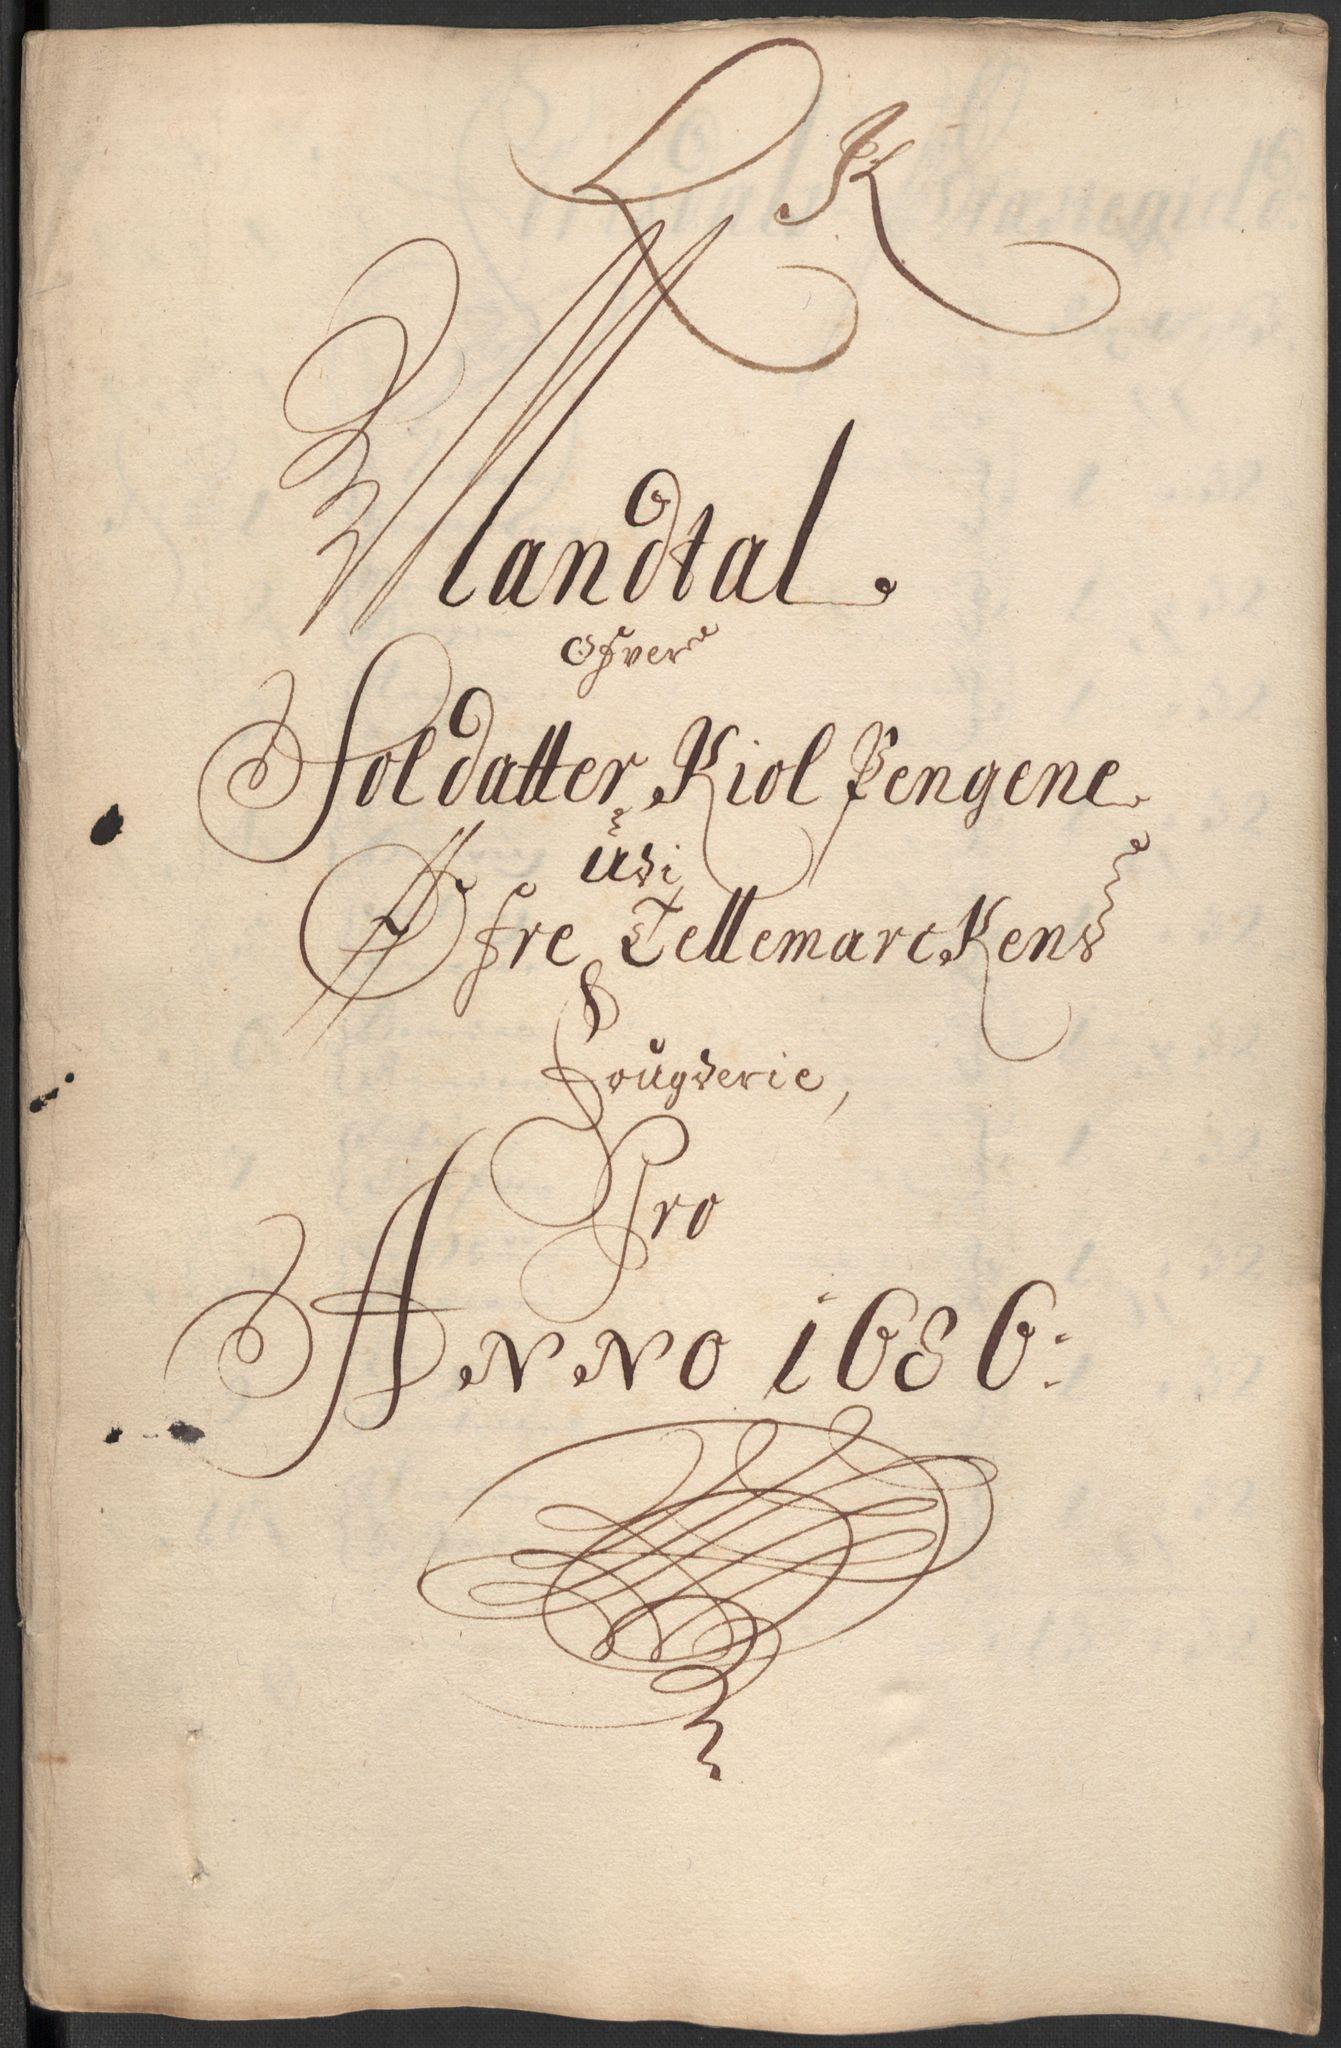 RA, Rentekammeret inntil 1814, Reviderte regnskaper, Fogderegnskap, R35/L2083: Fogderegnskap Øvre og Nedre Telemark, 1686, s. 279